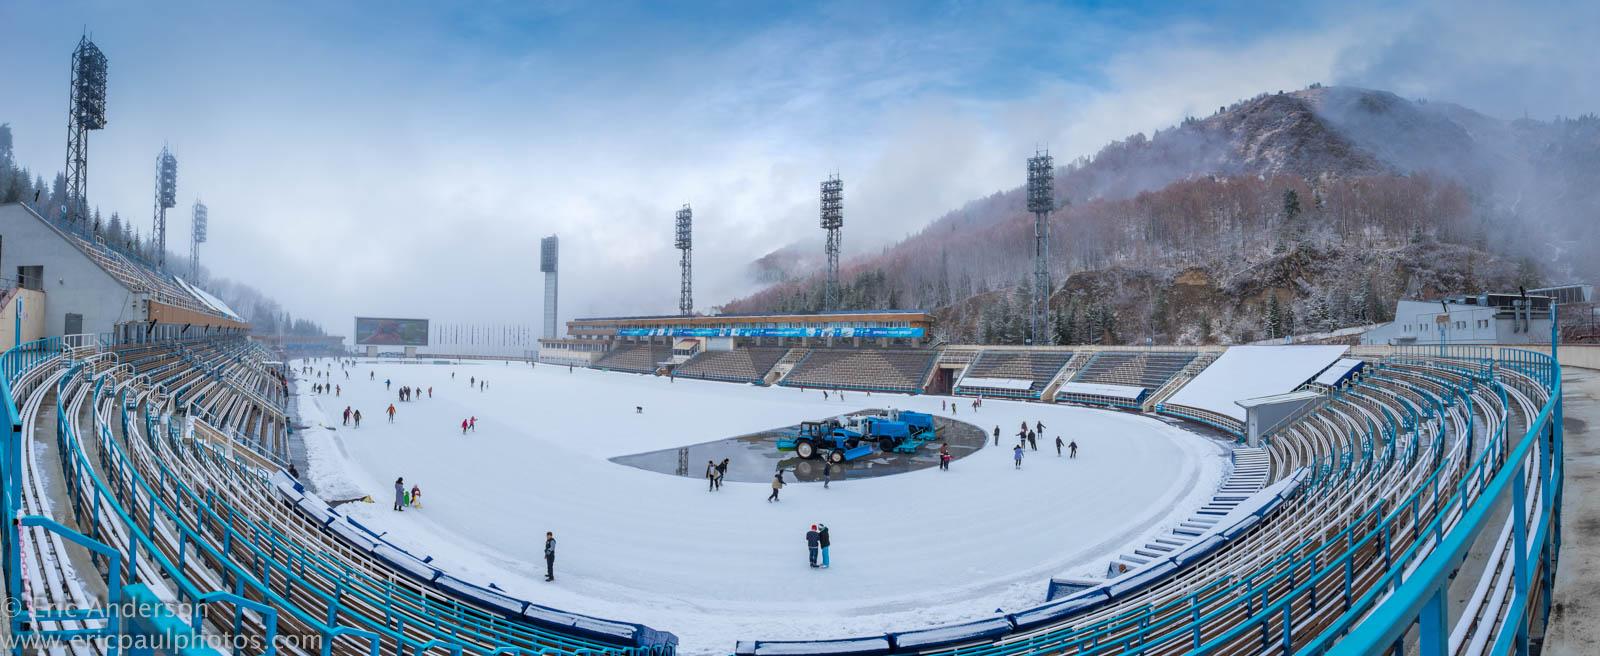 مجموعه ورزشی مدئو آلماتی قزاقستان